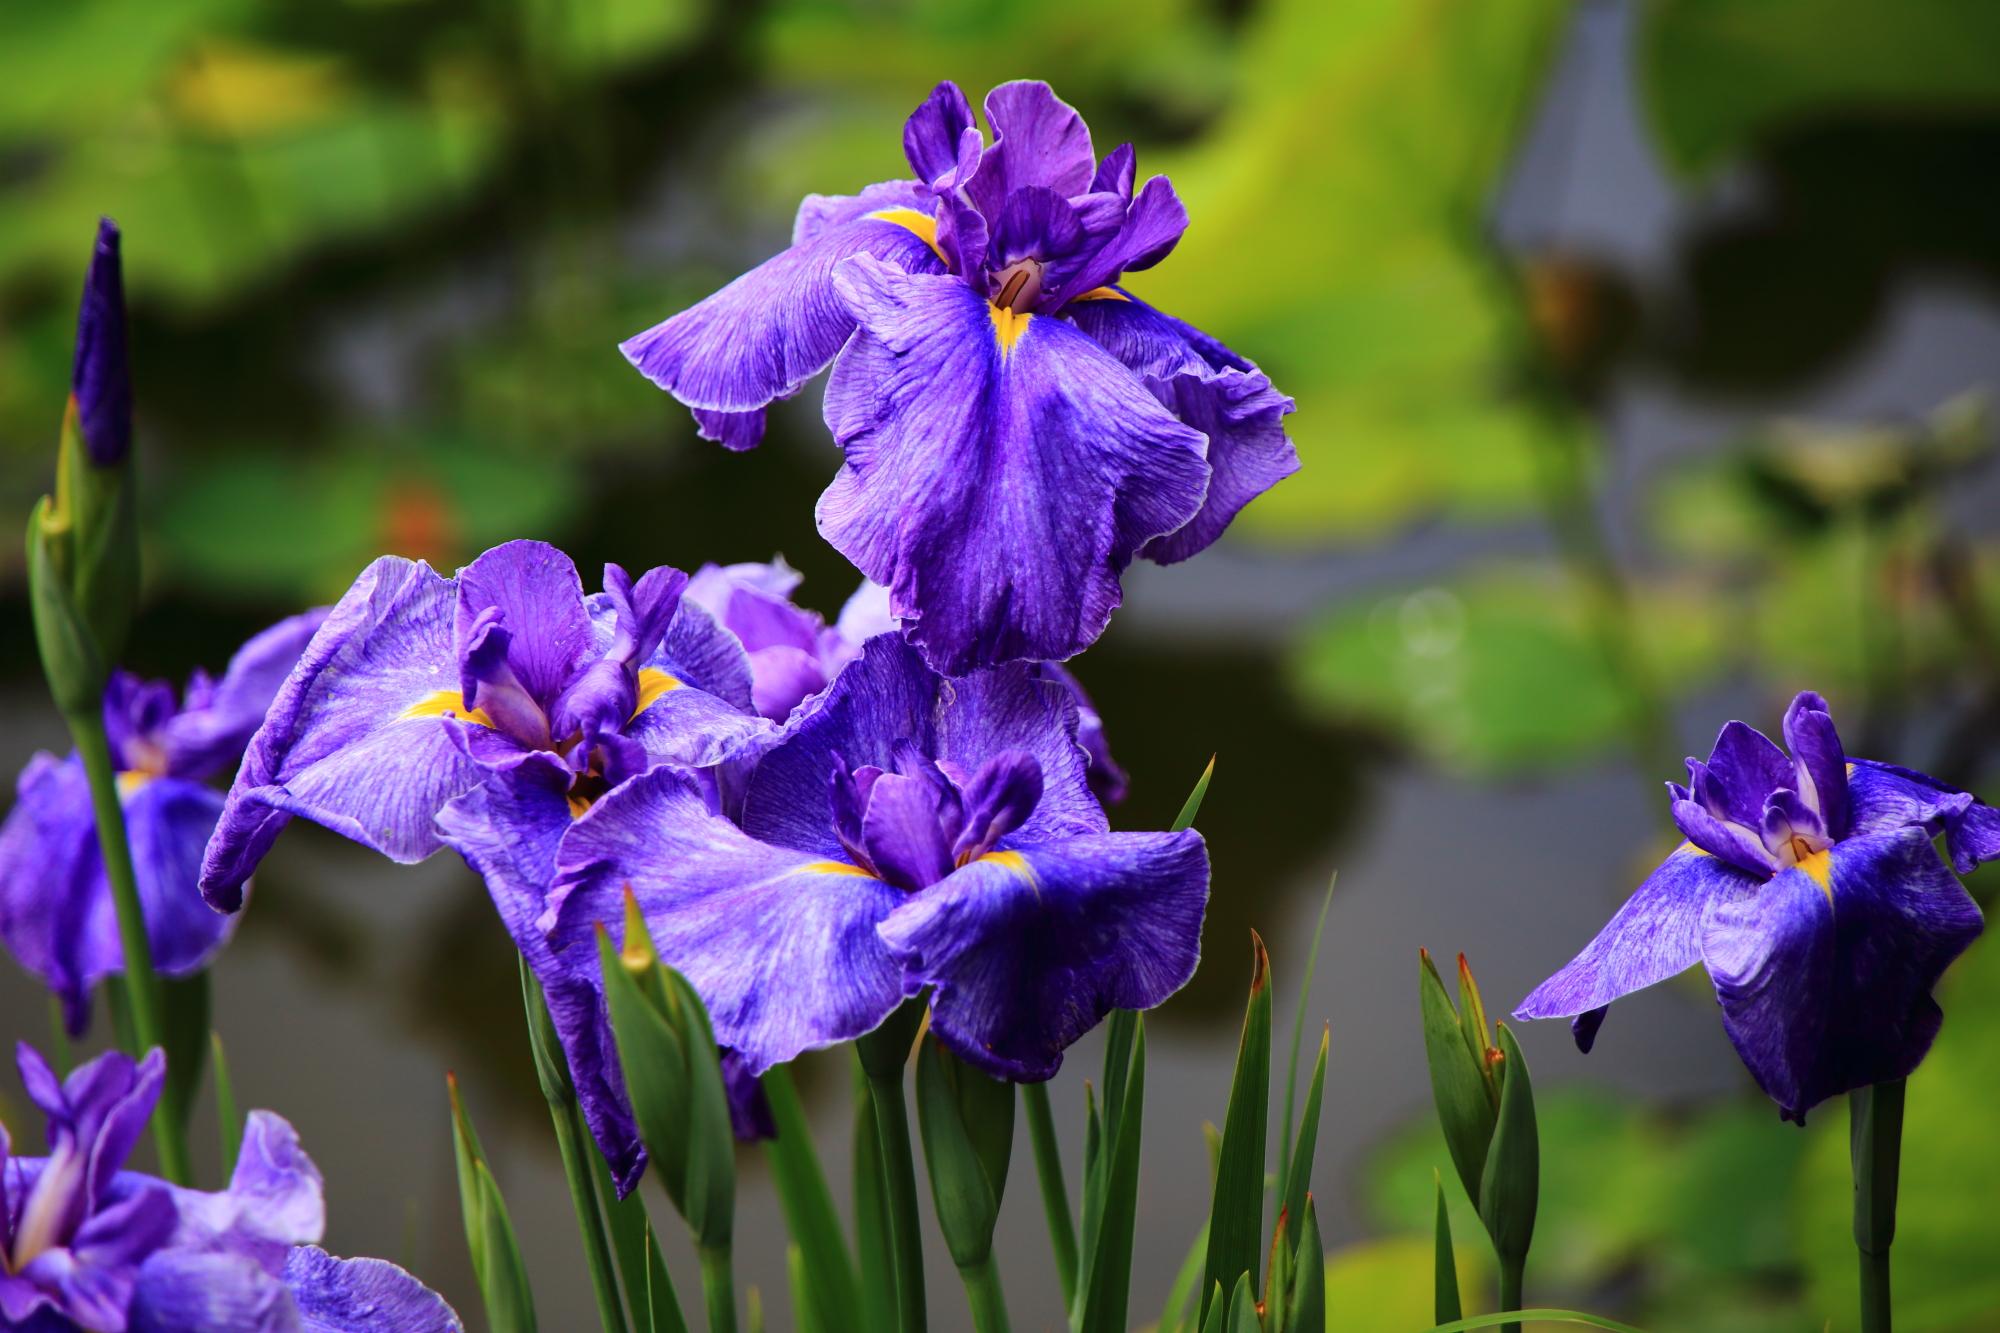 勧修寺の鮮やかな紫に黄色が入った花菖蒲